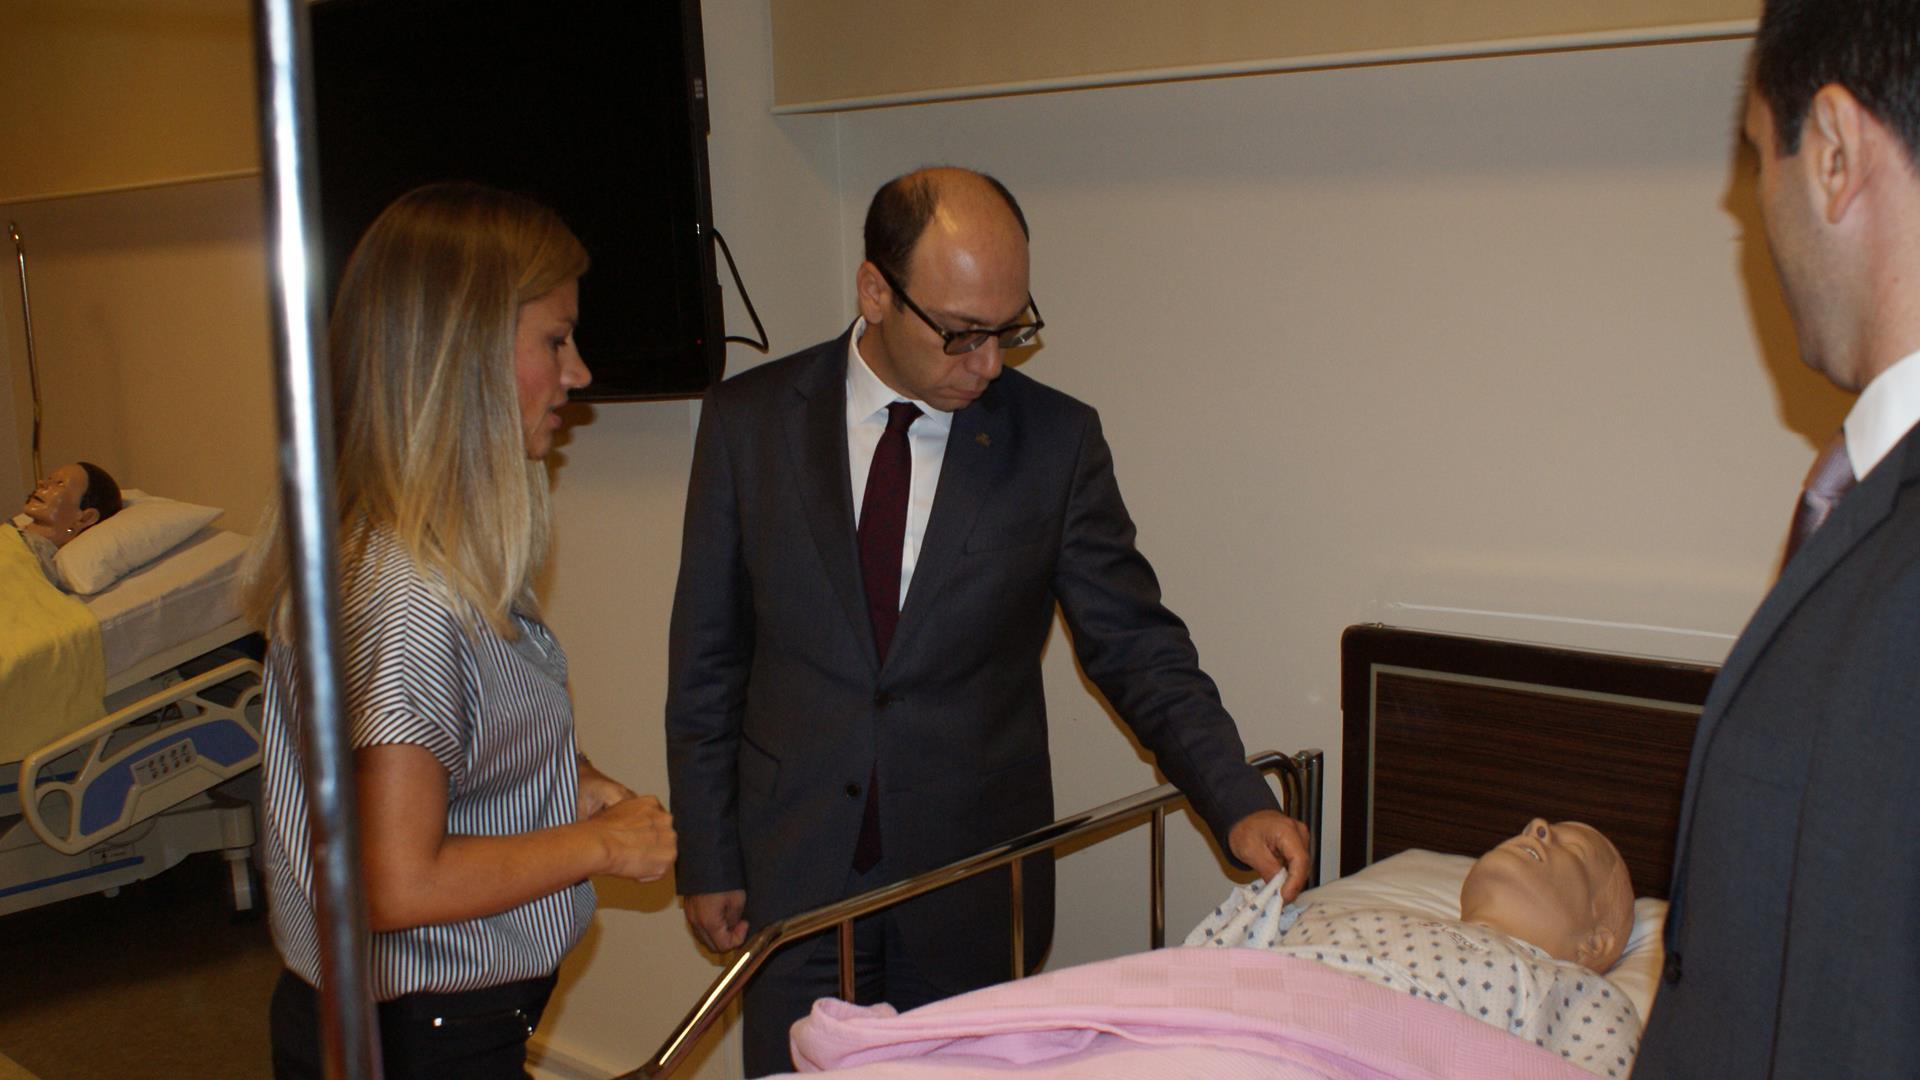 İstanbul-Üniversitesi-Cerrahpaşa-Rektörü-Prof.-Dr.-Nuri-Aydın-Florence-Nightingale-Hemşirelik-Fakültesi'nde-İncelemelerde-Bulundu